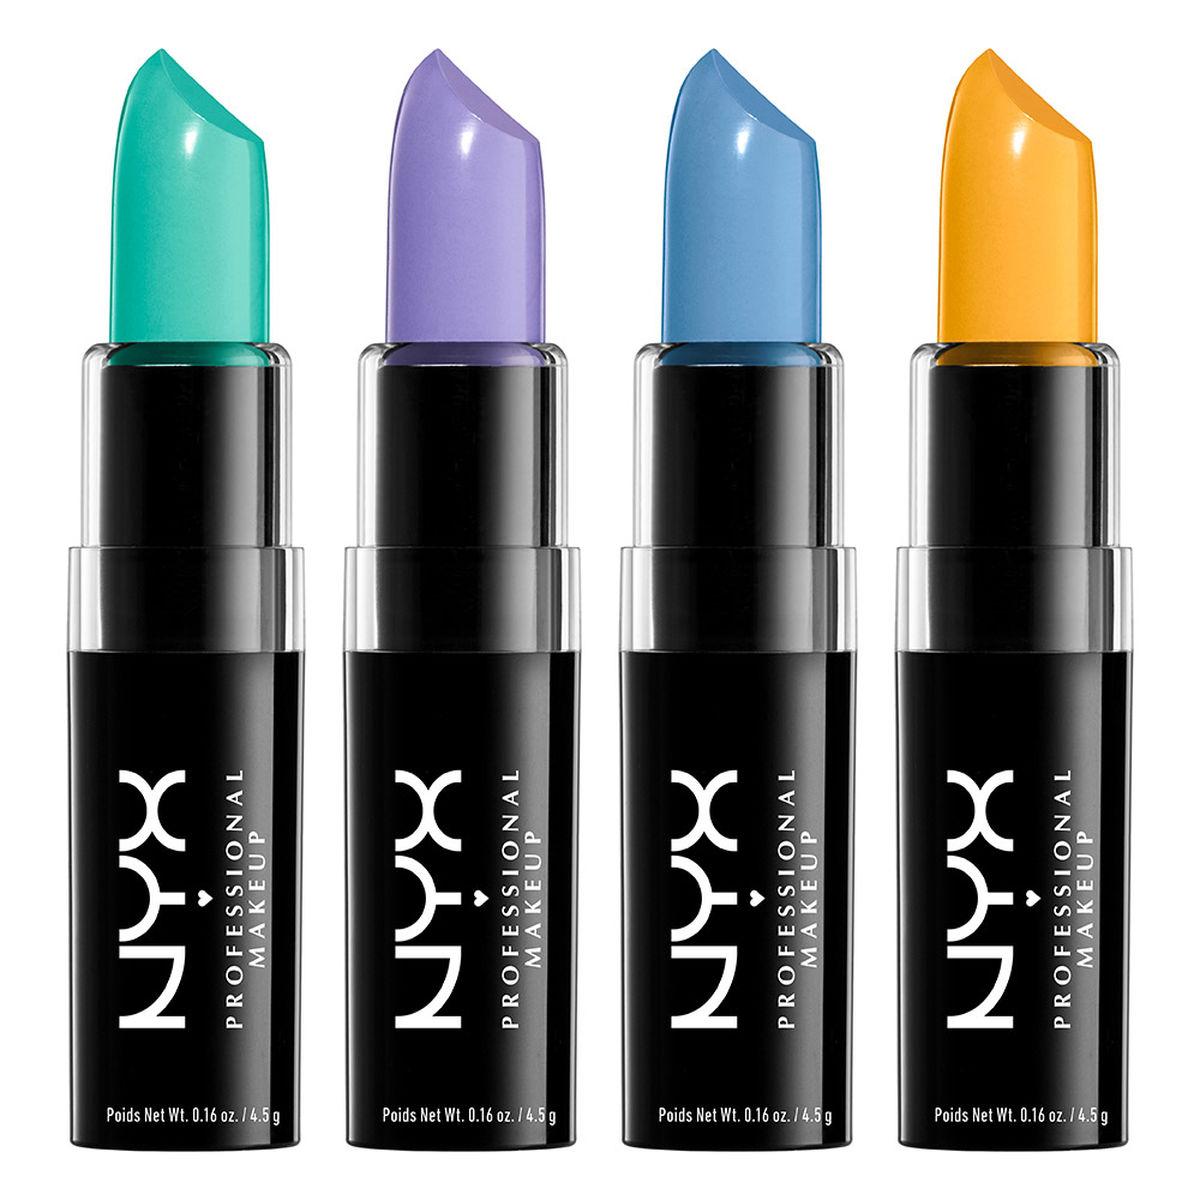 NYX Macaron Pastel Lippies Lipstick